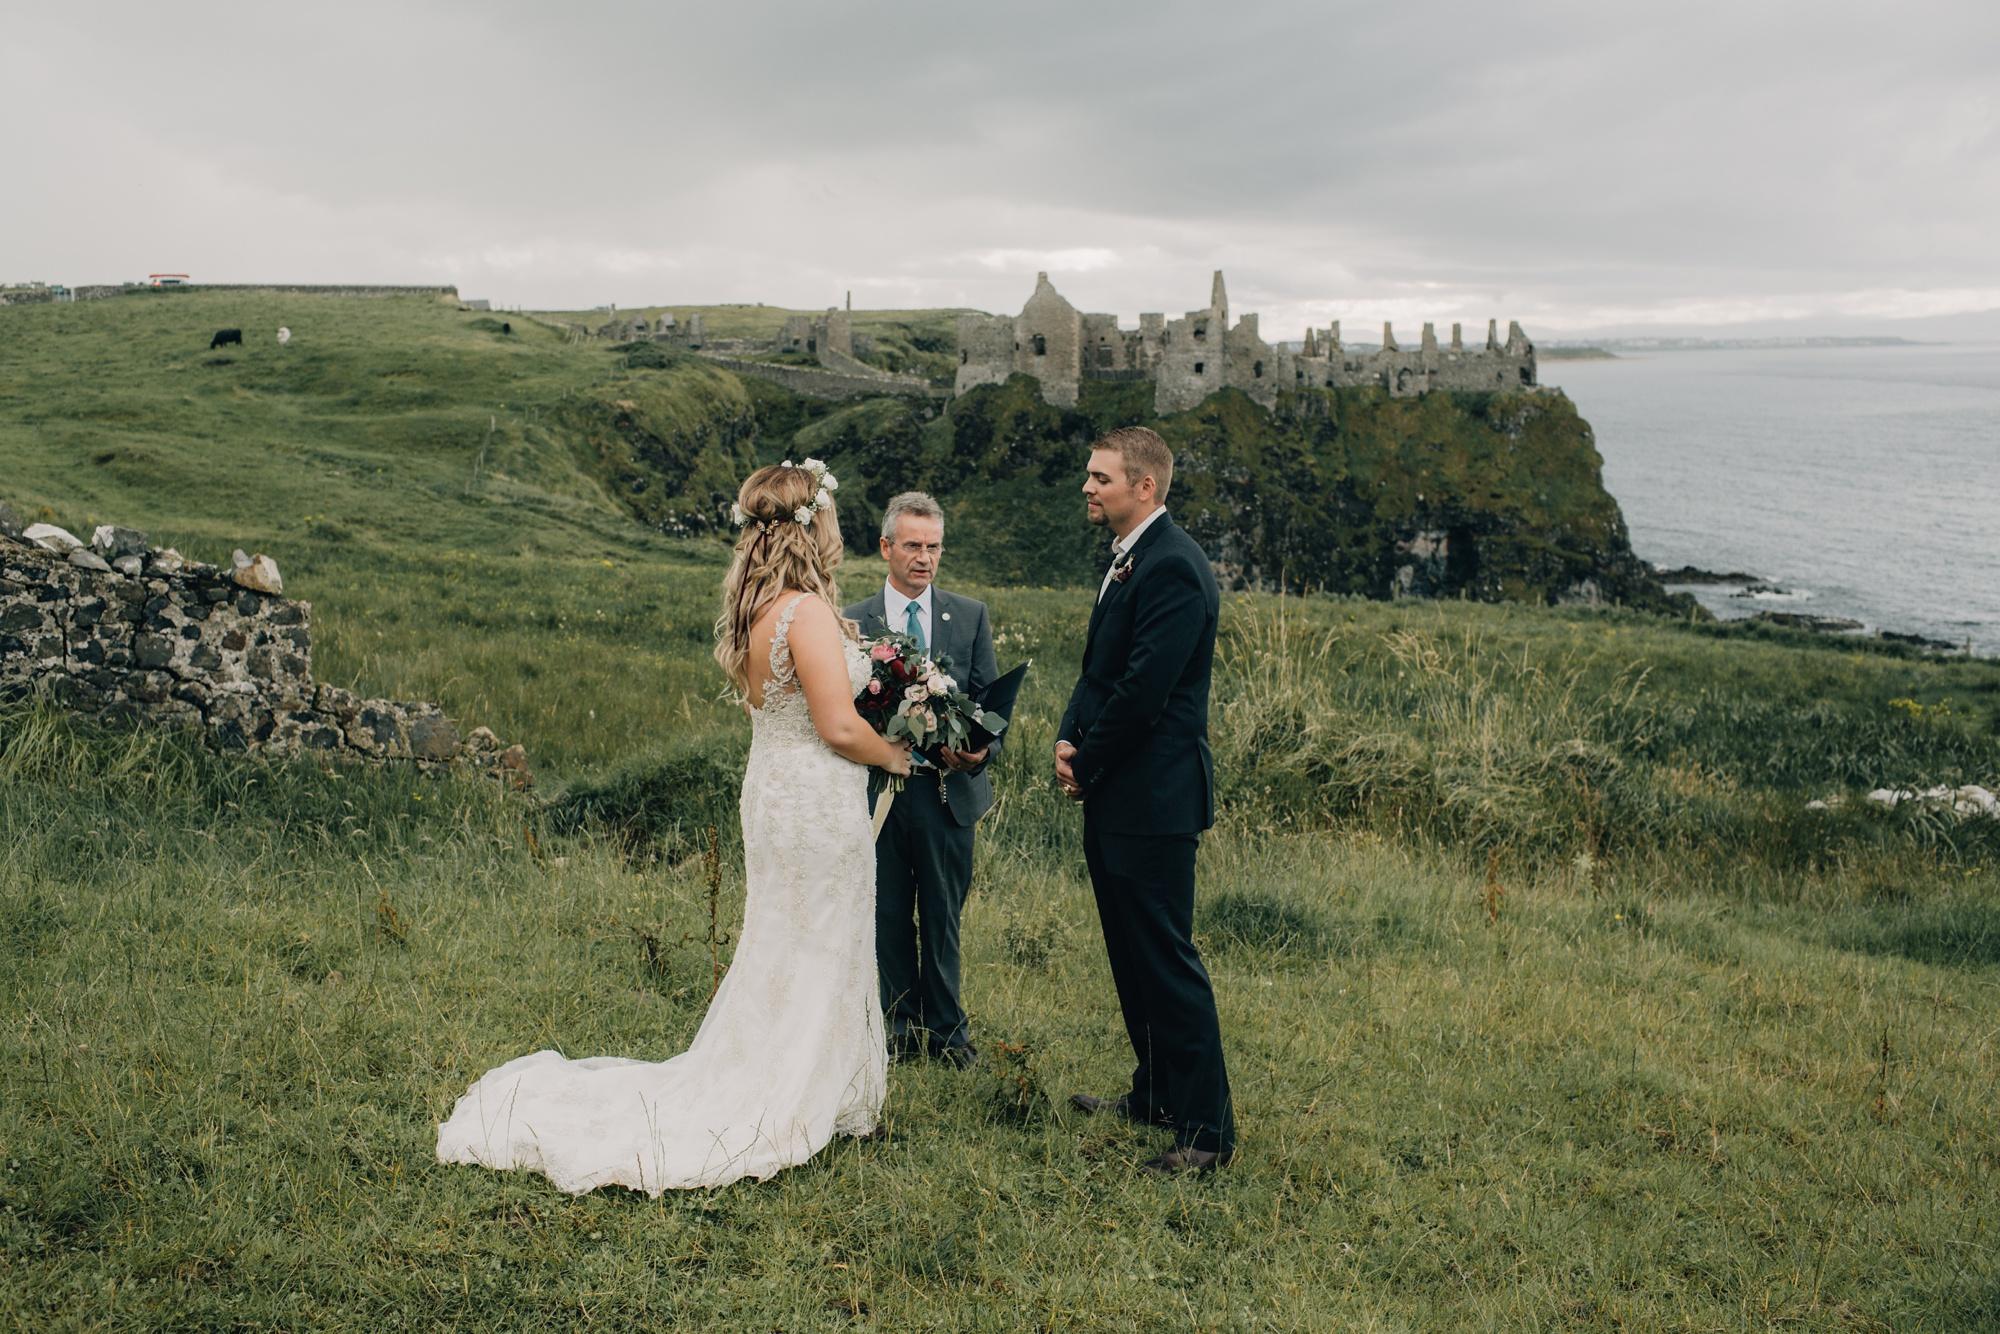 Kristina & Jeffrey - Dunluce Castle Elopement